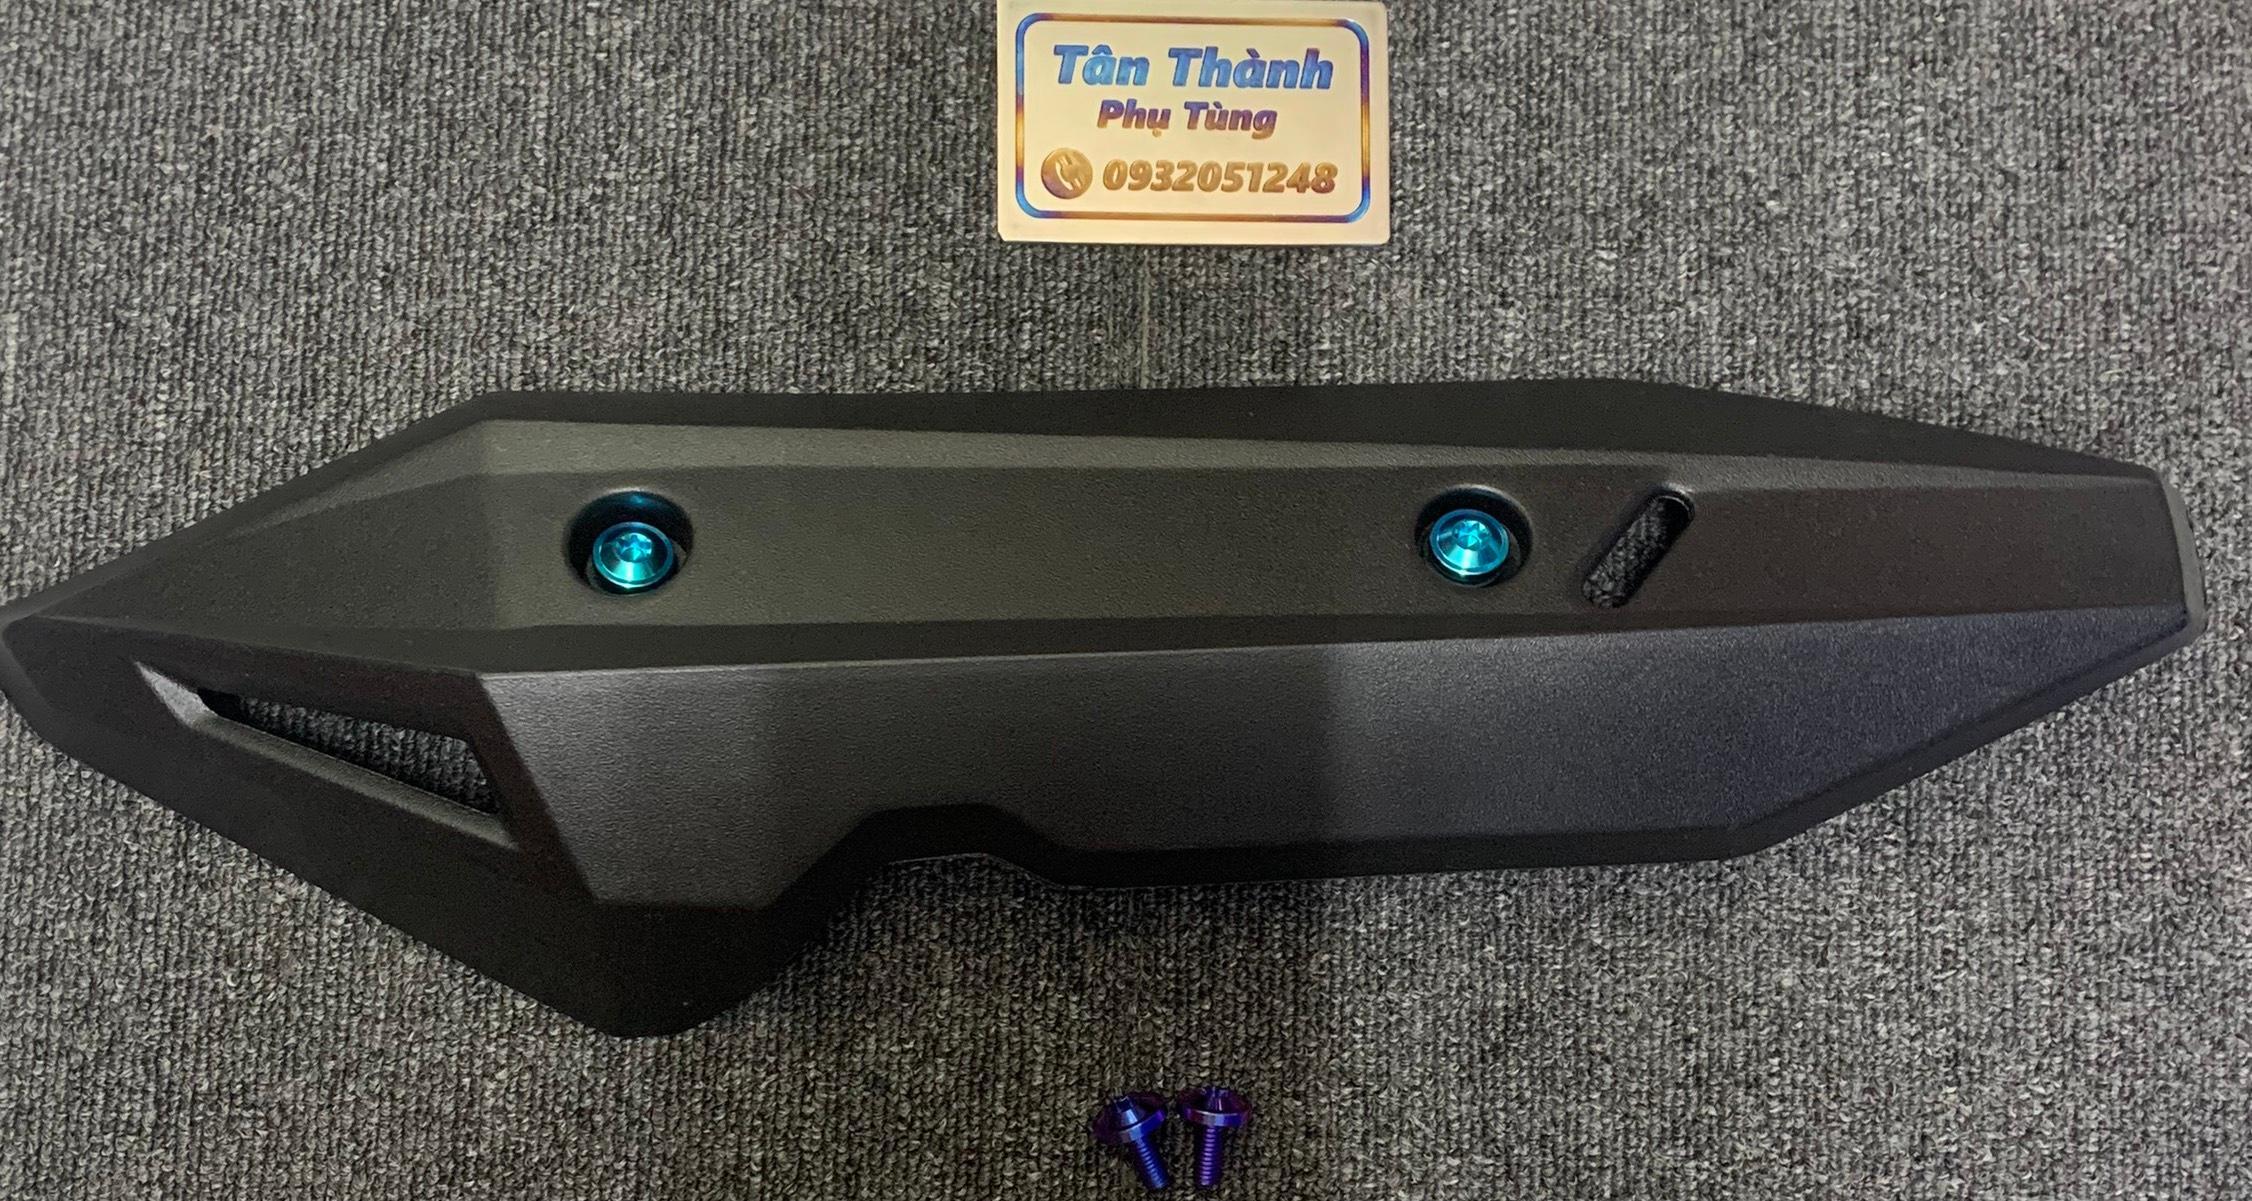 Ốp pô dành cho xe Vario 2018-2020 nhựa kèm 2 ốc GR5